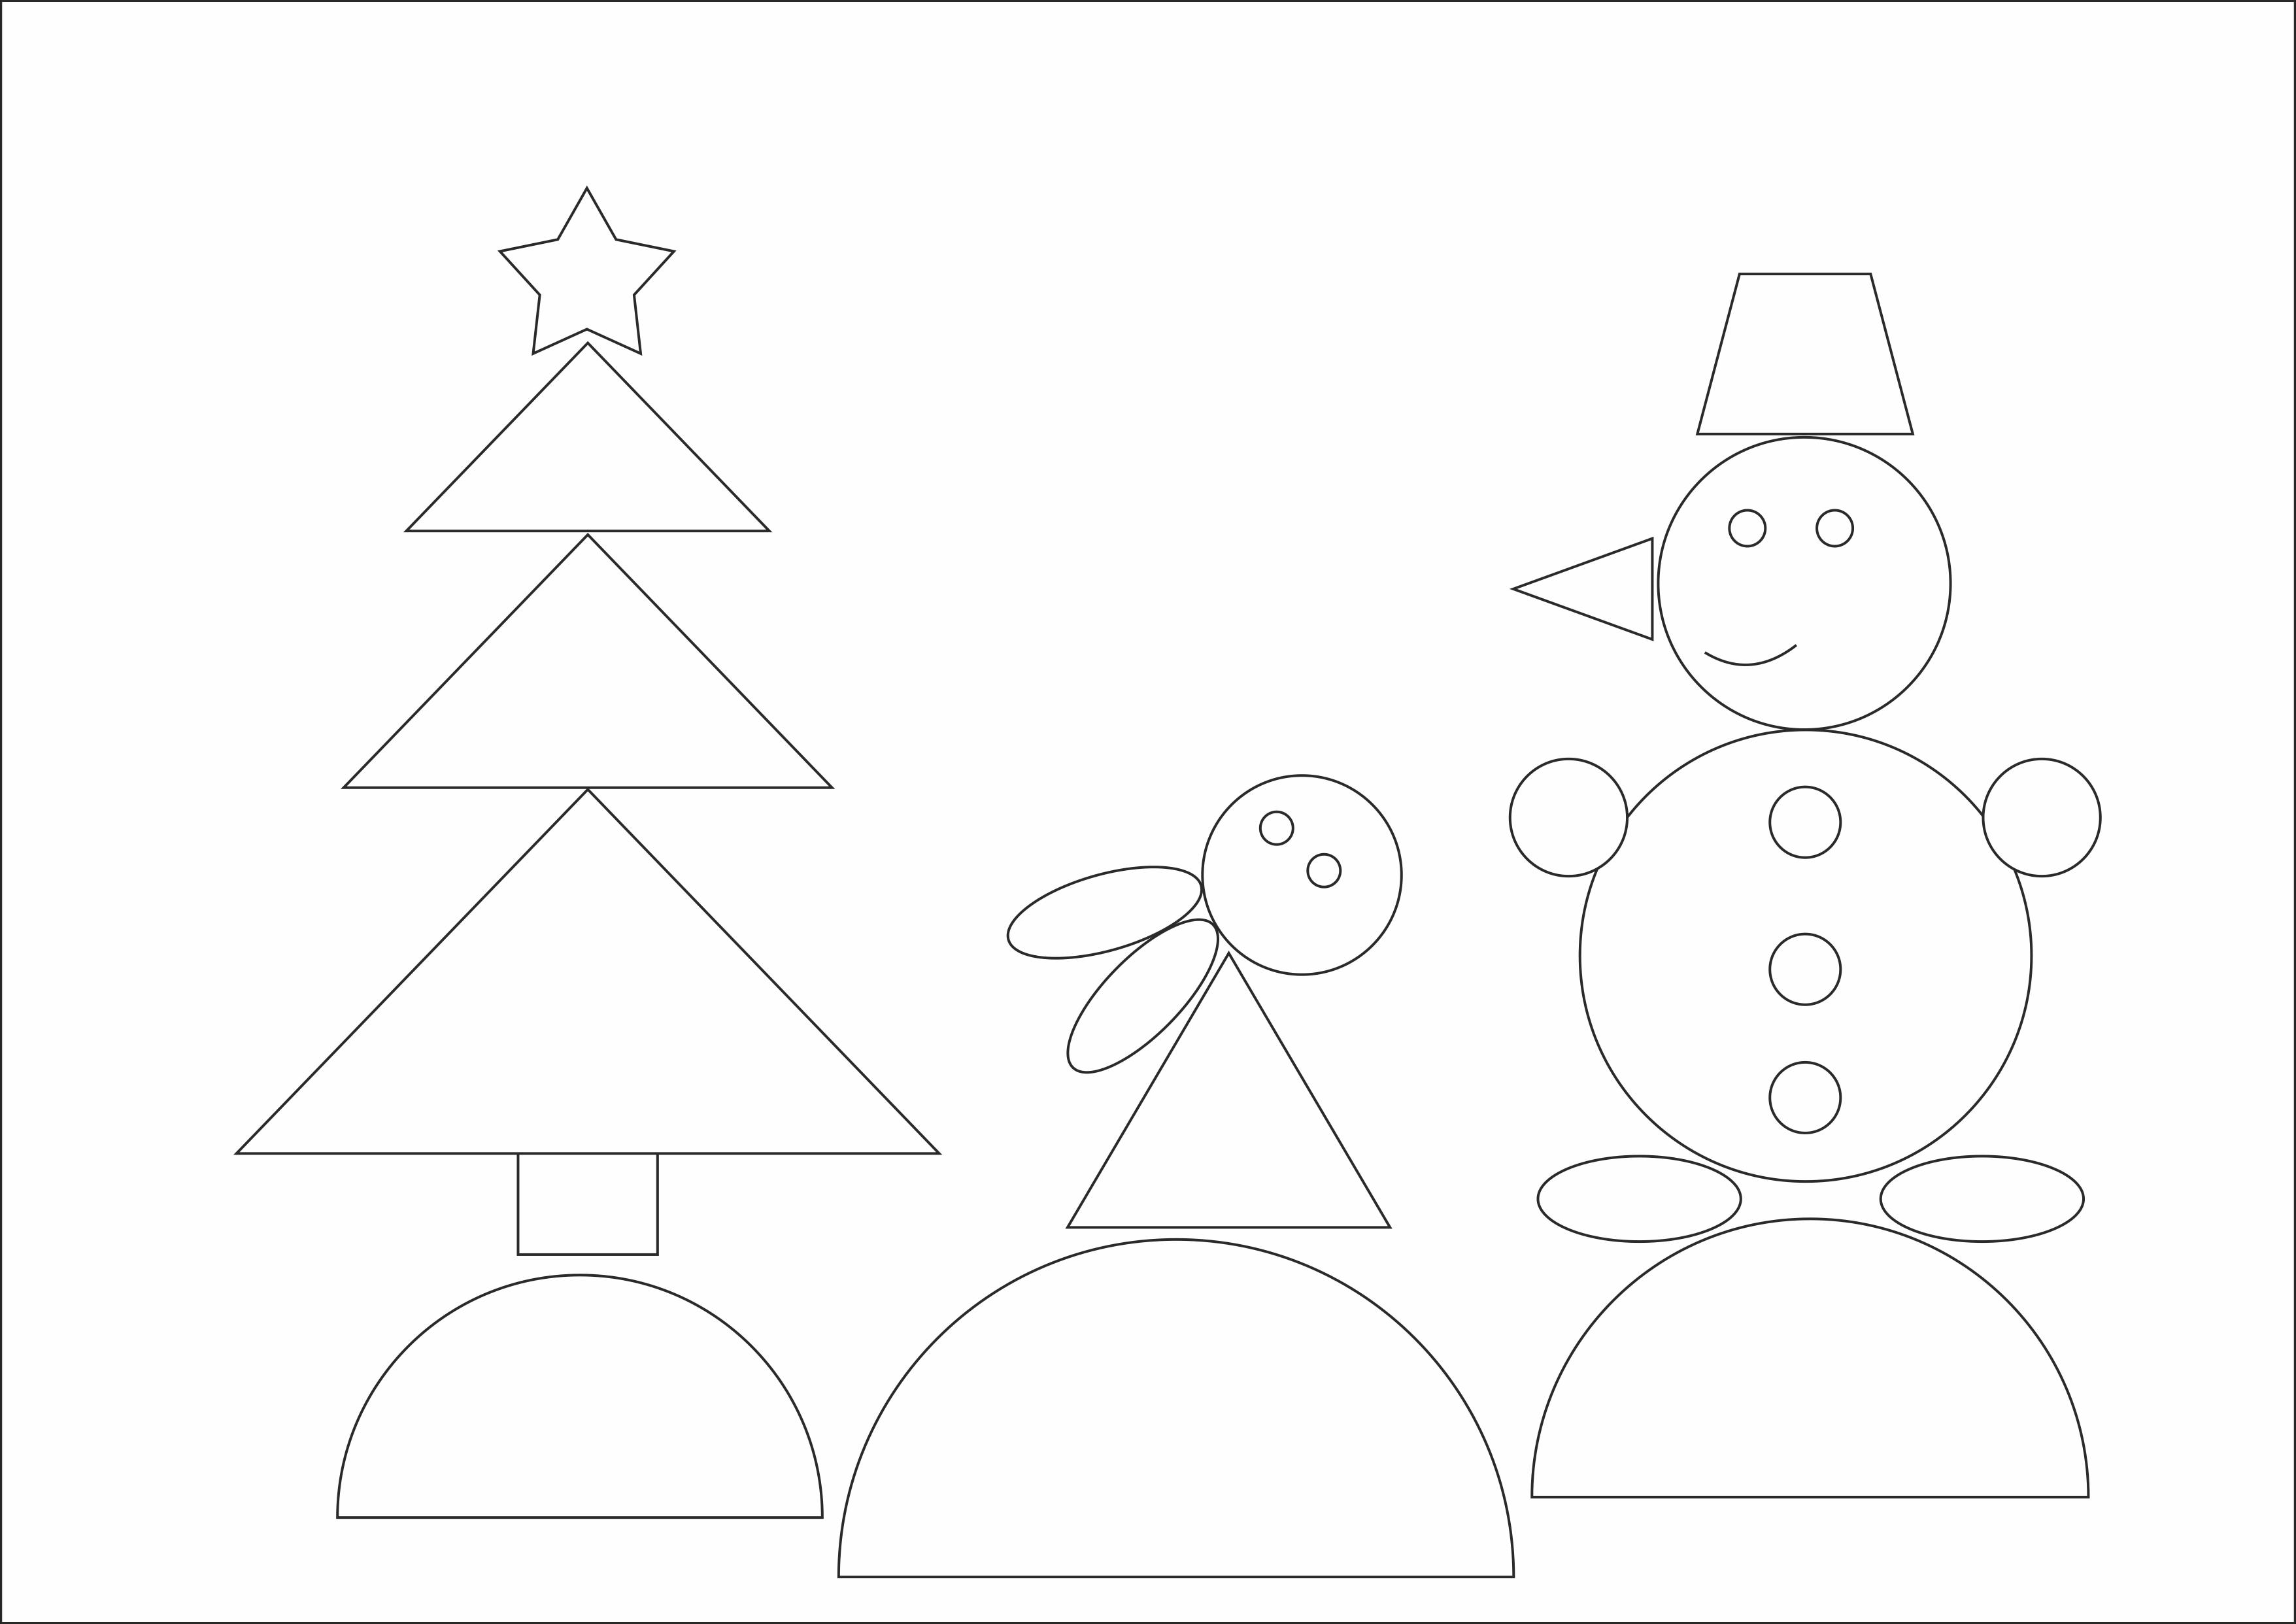 """Раскраска из геометрических фигур""""Лесная новогодняя сказка"""""""